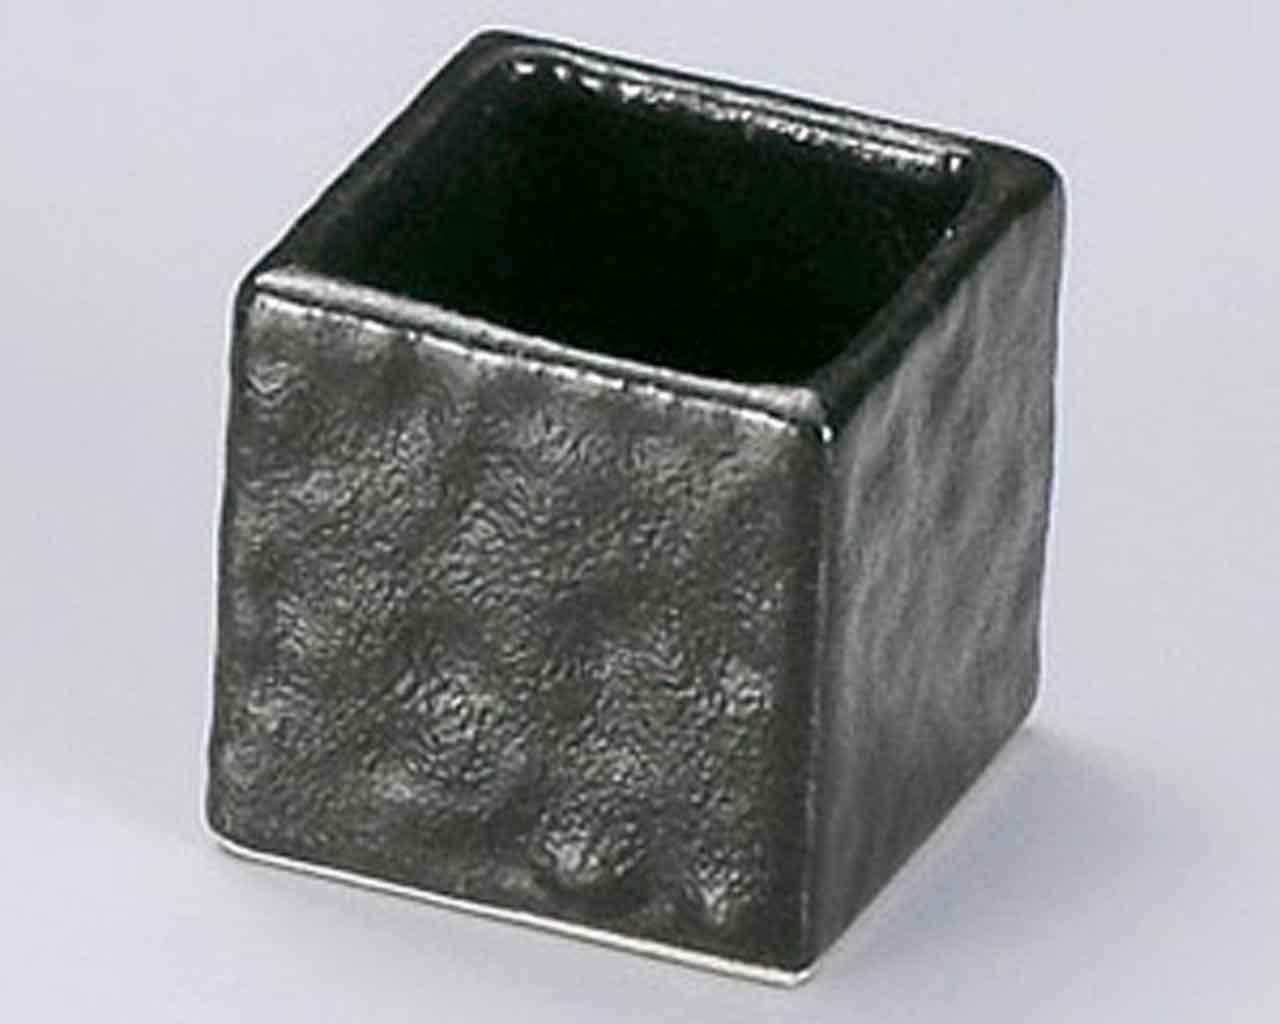 Setoguro 1.8inch Set of 5 Toothpick holders Black porcelain Made in Japan